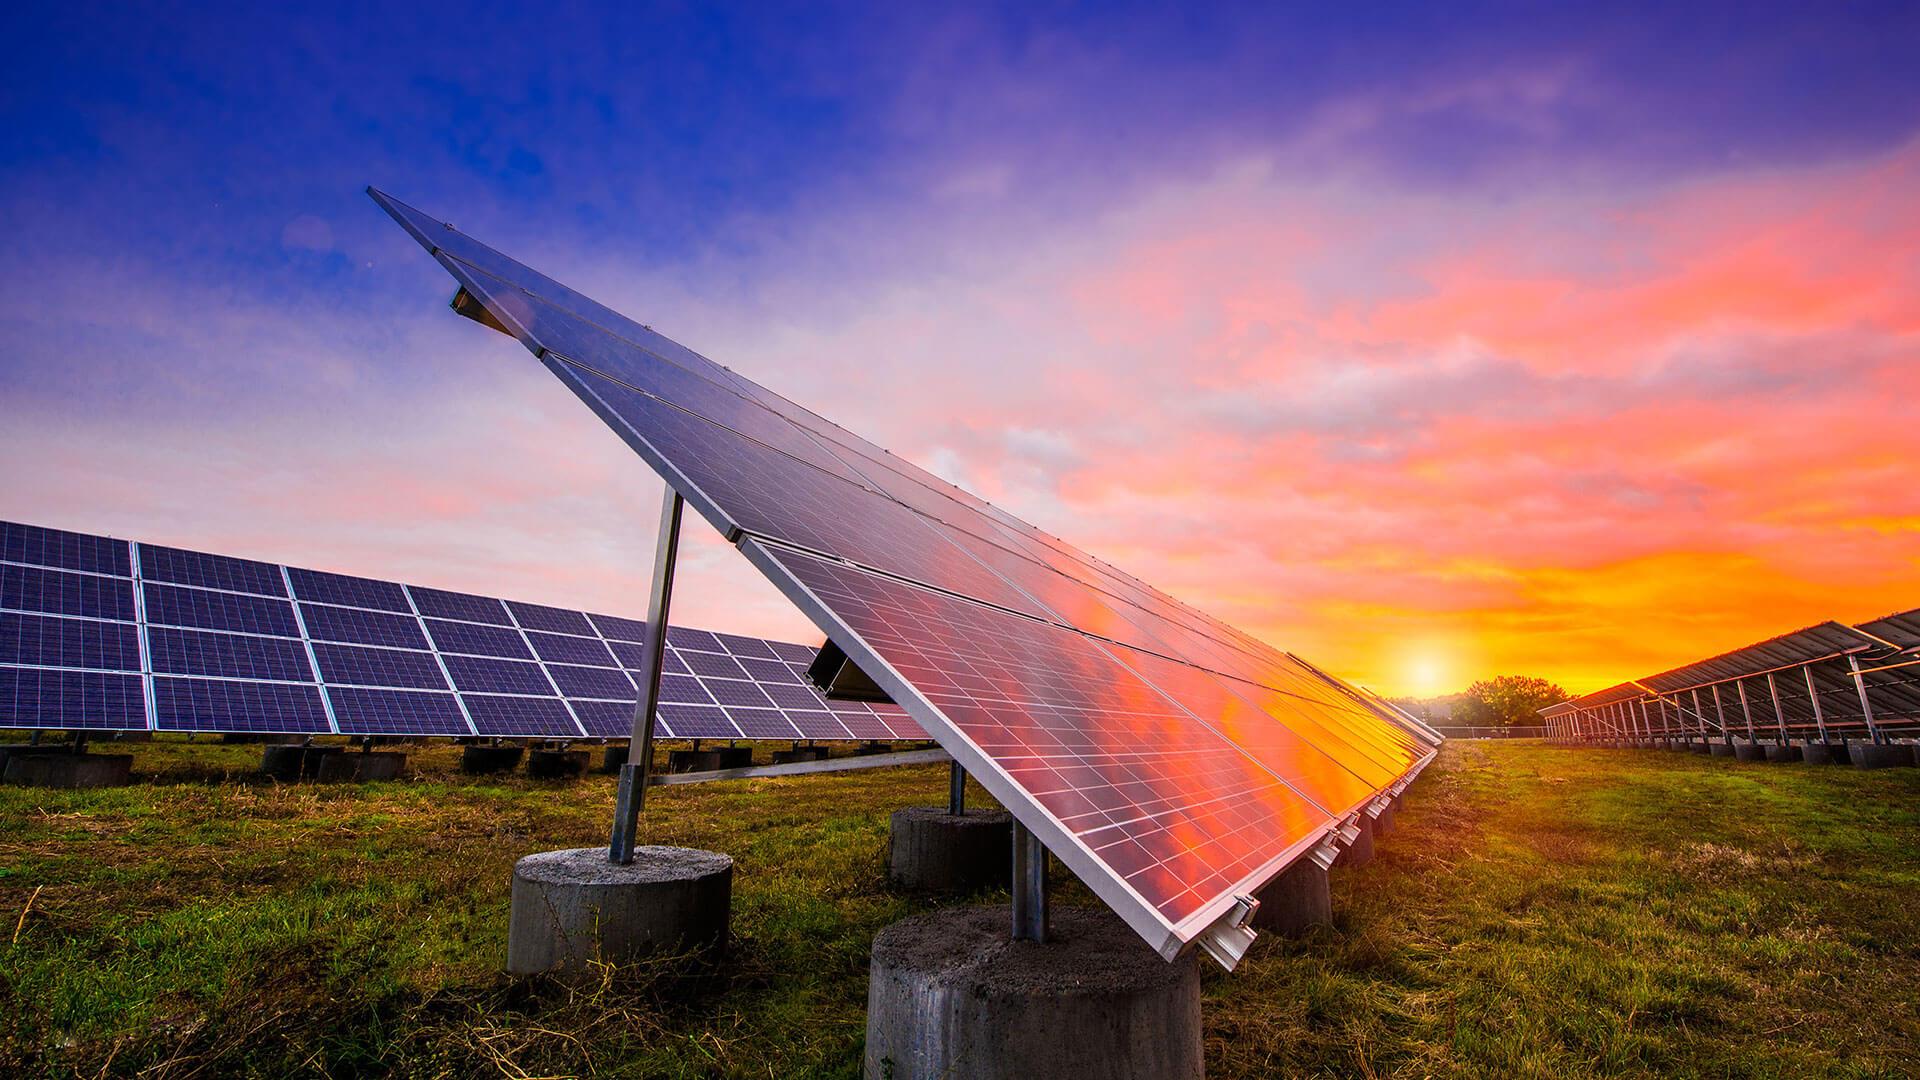 Bombeo Solar Fotovoltaico, qué es y dónde podemos utilizarlo - Engimia